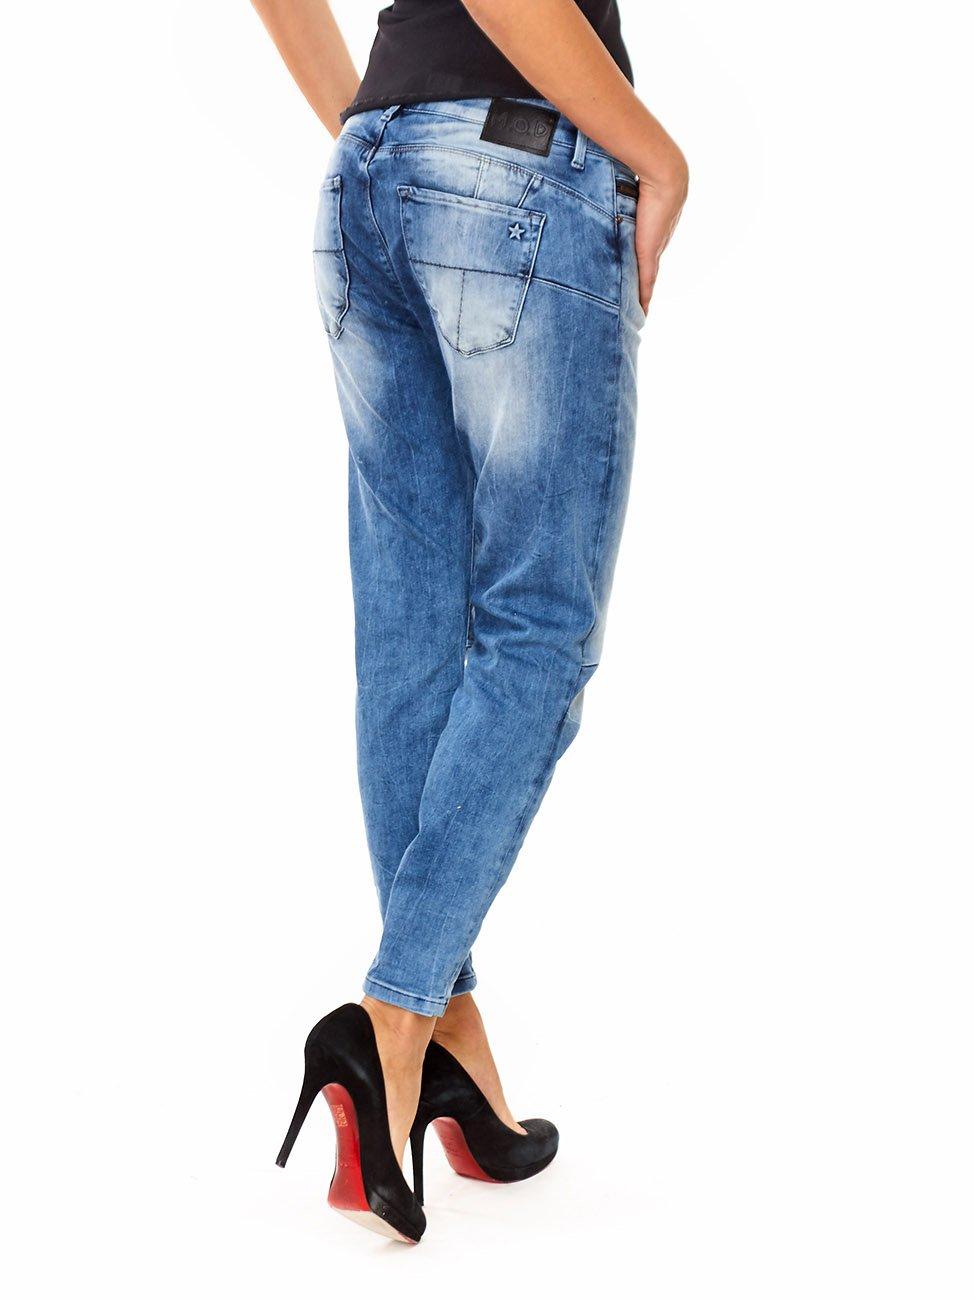 Модные женские джинсы сезона 2018 | 15